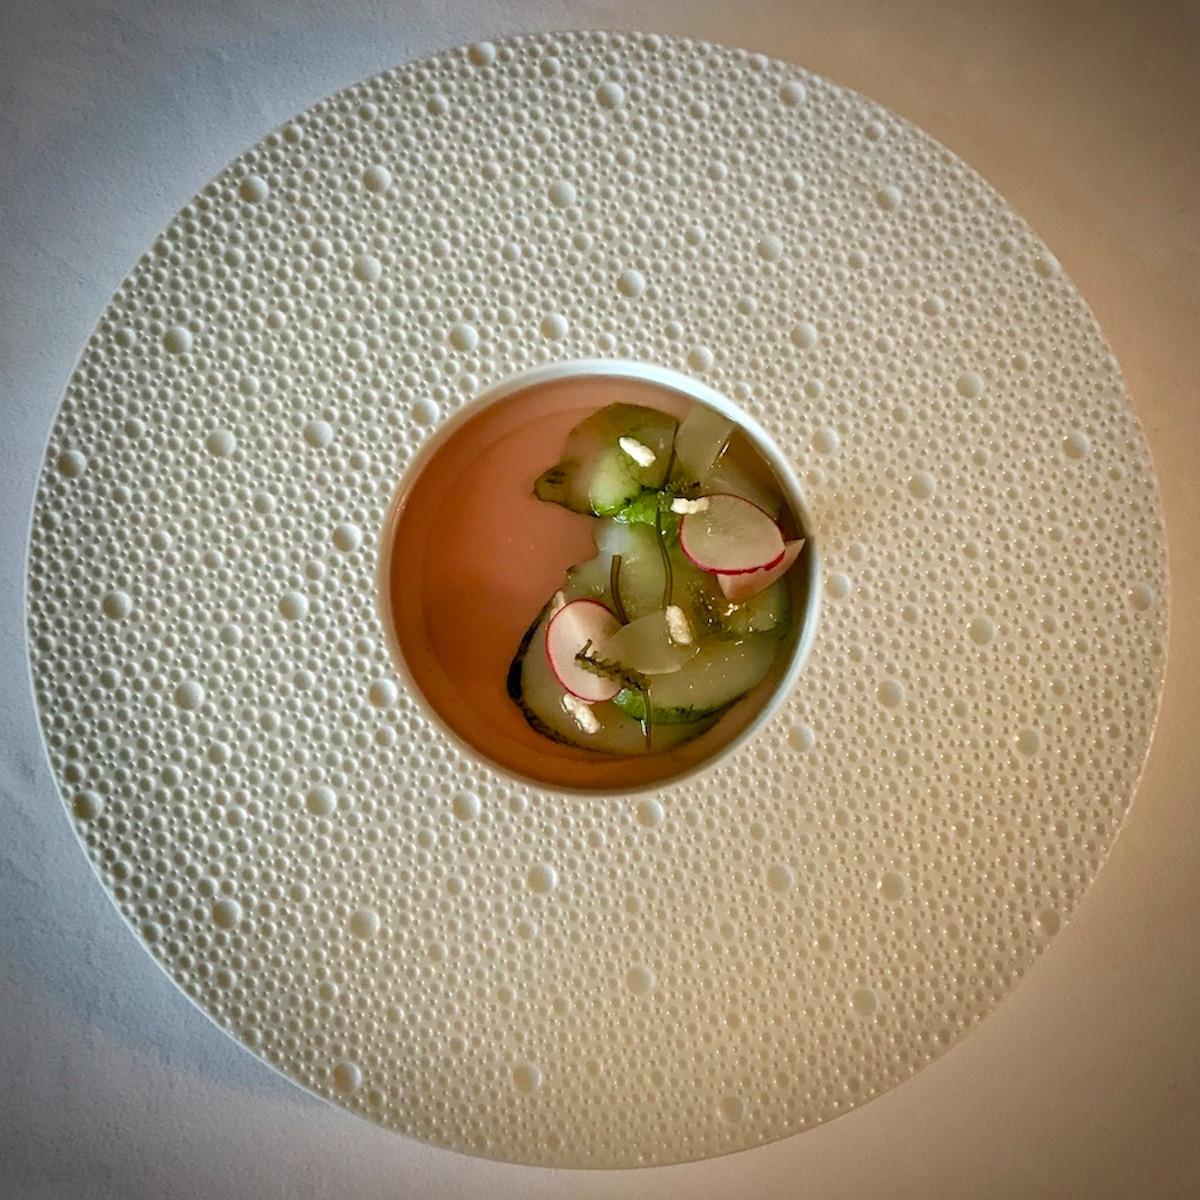 Crudo de Saint-Jacques au plancton et bouillon froid de radis. (Photo: Maison Moderne)